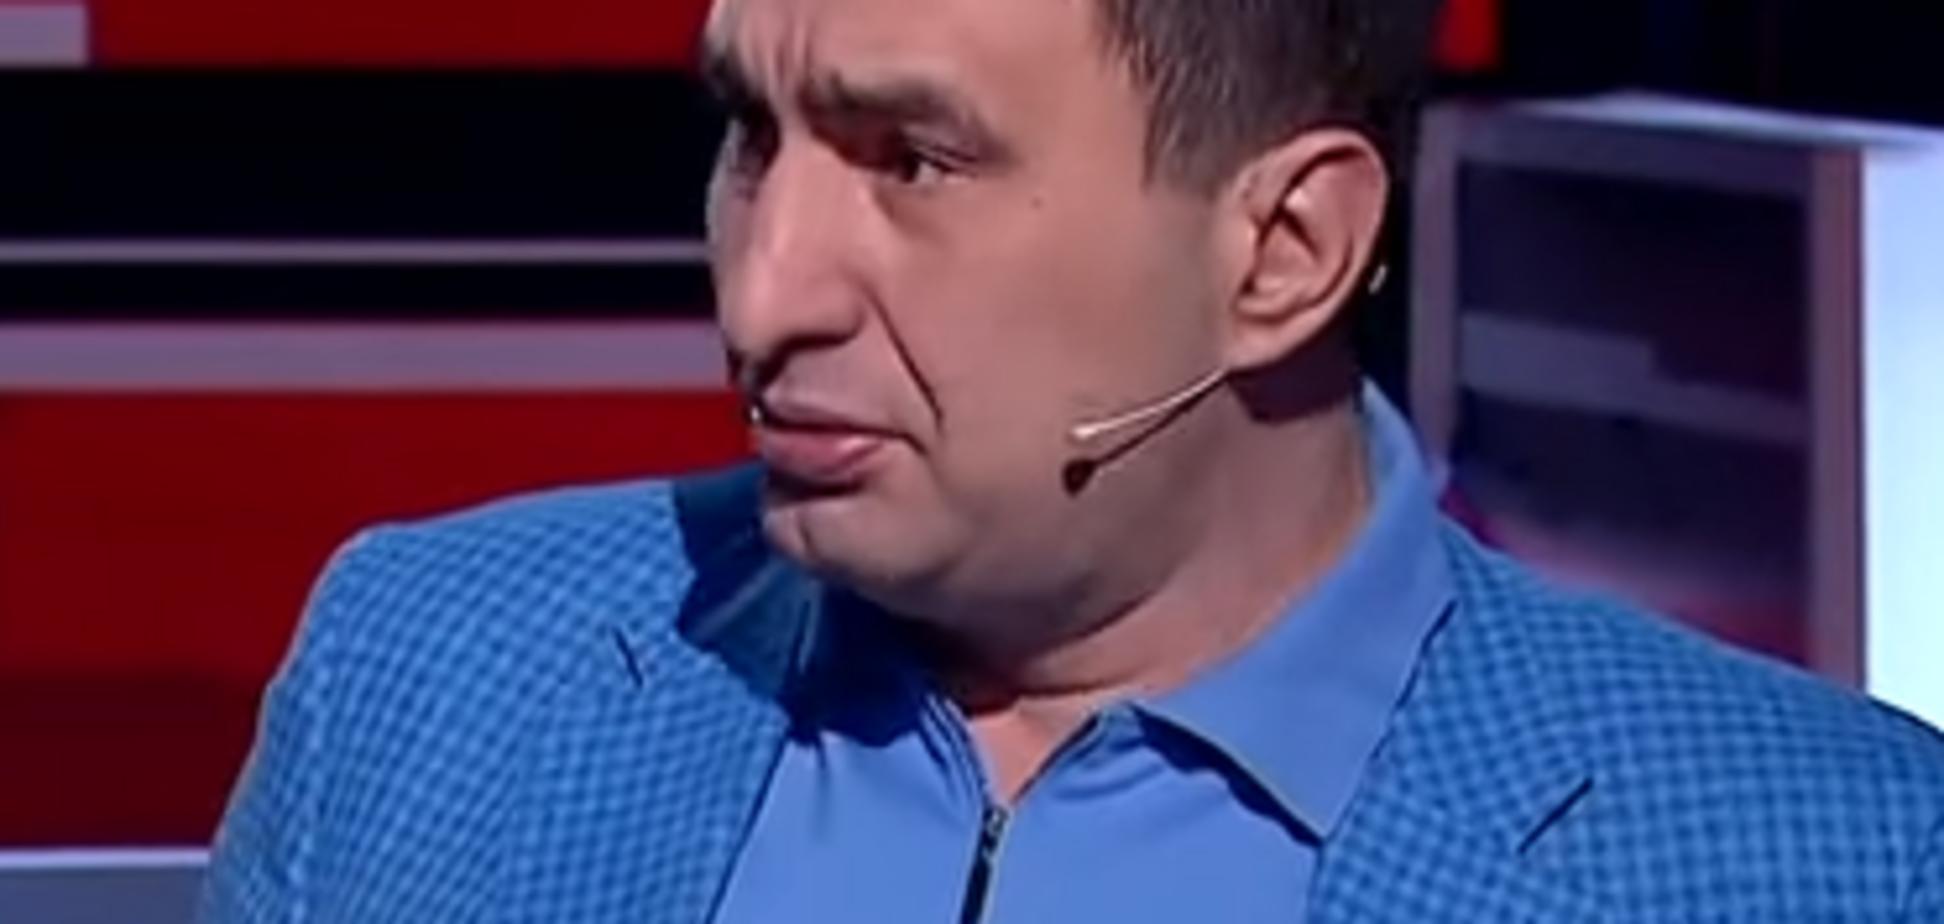 'Українці і росіяни - сім'я': екс-нардеп-утікач зробив цинічну заяву